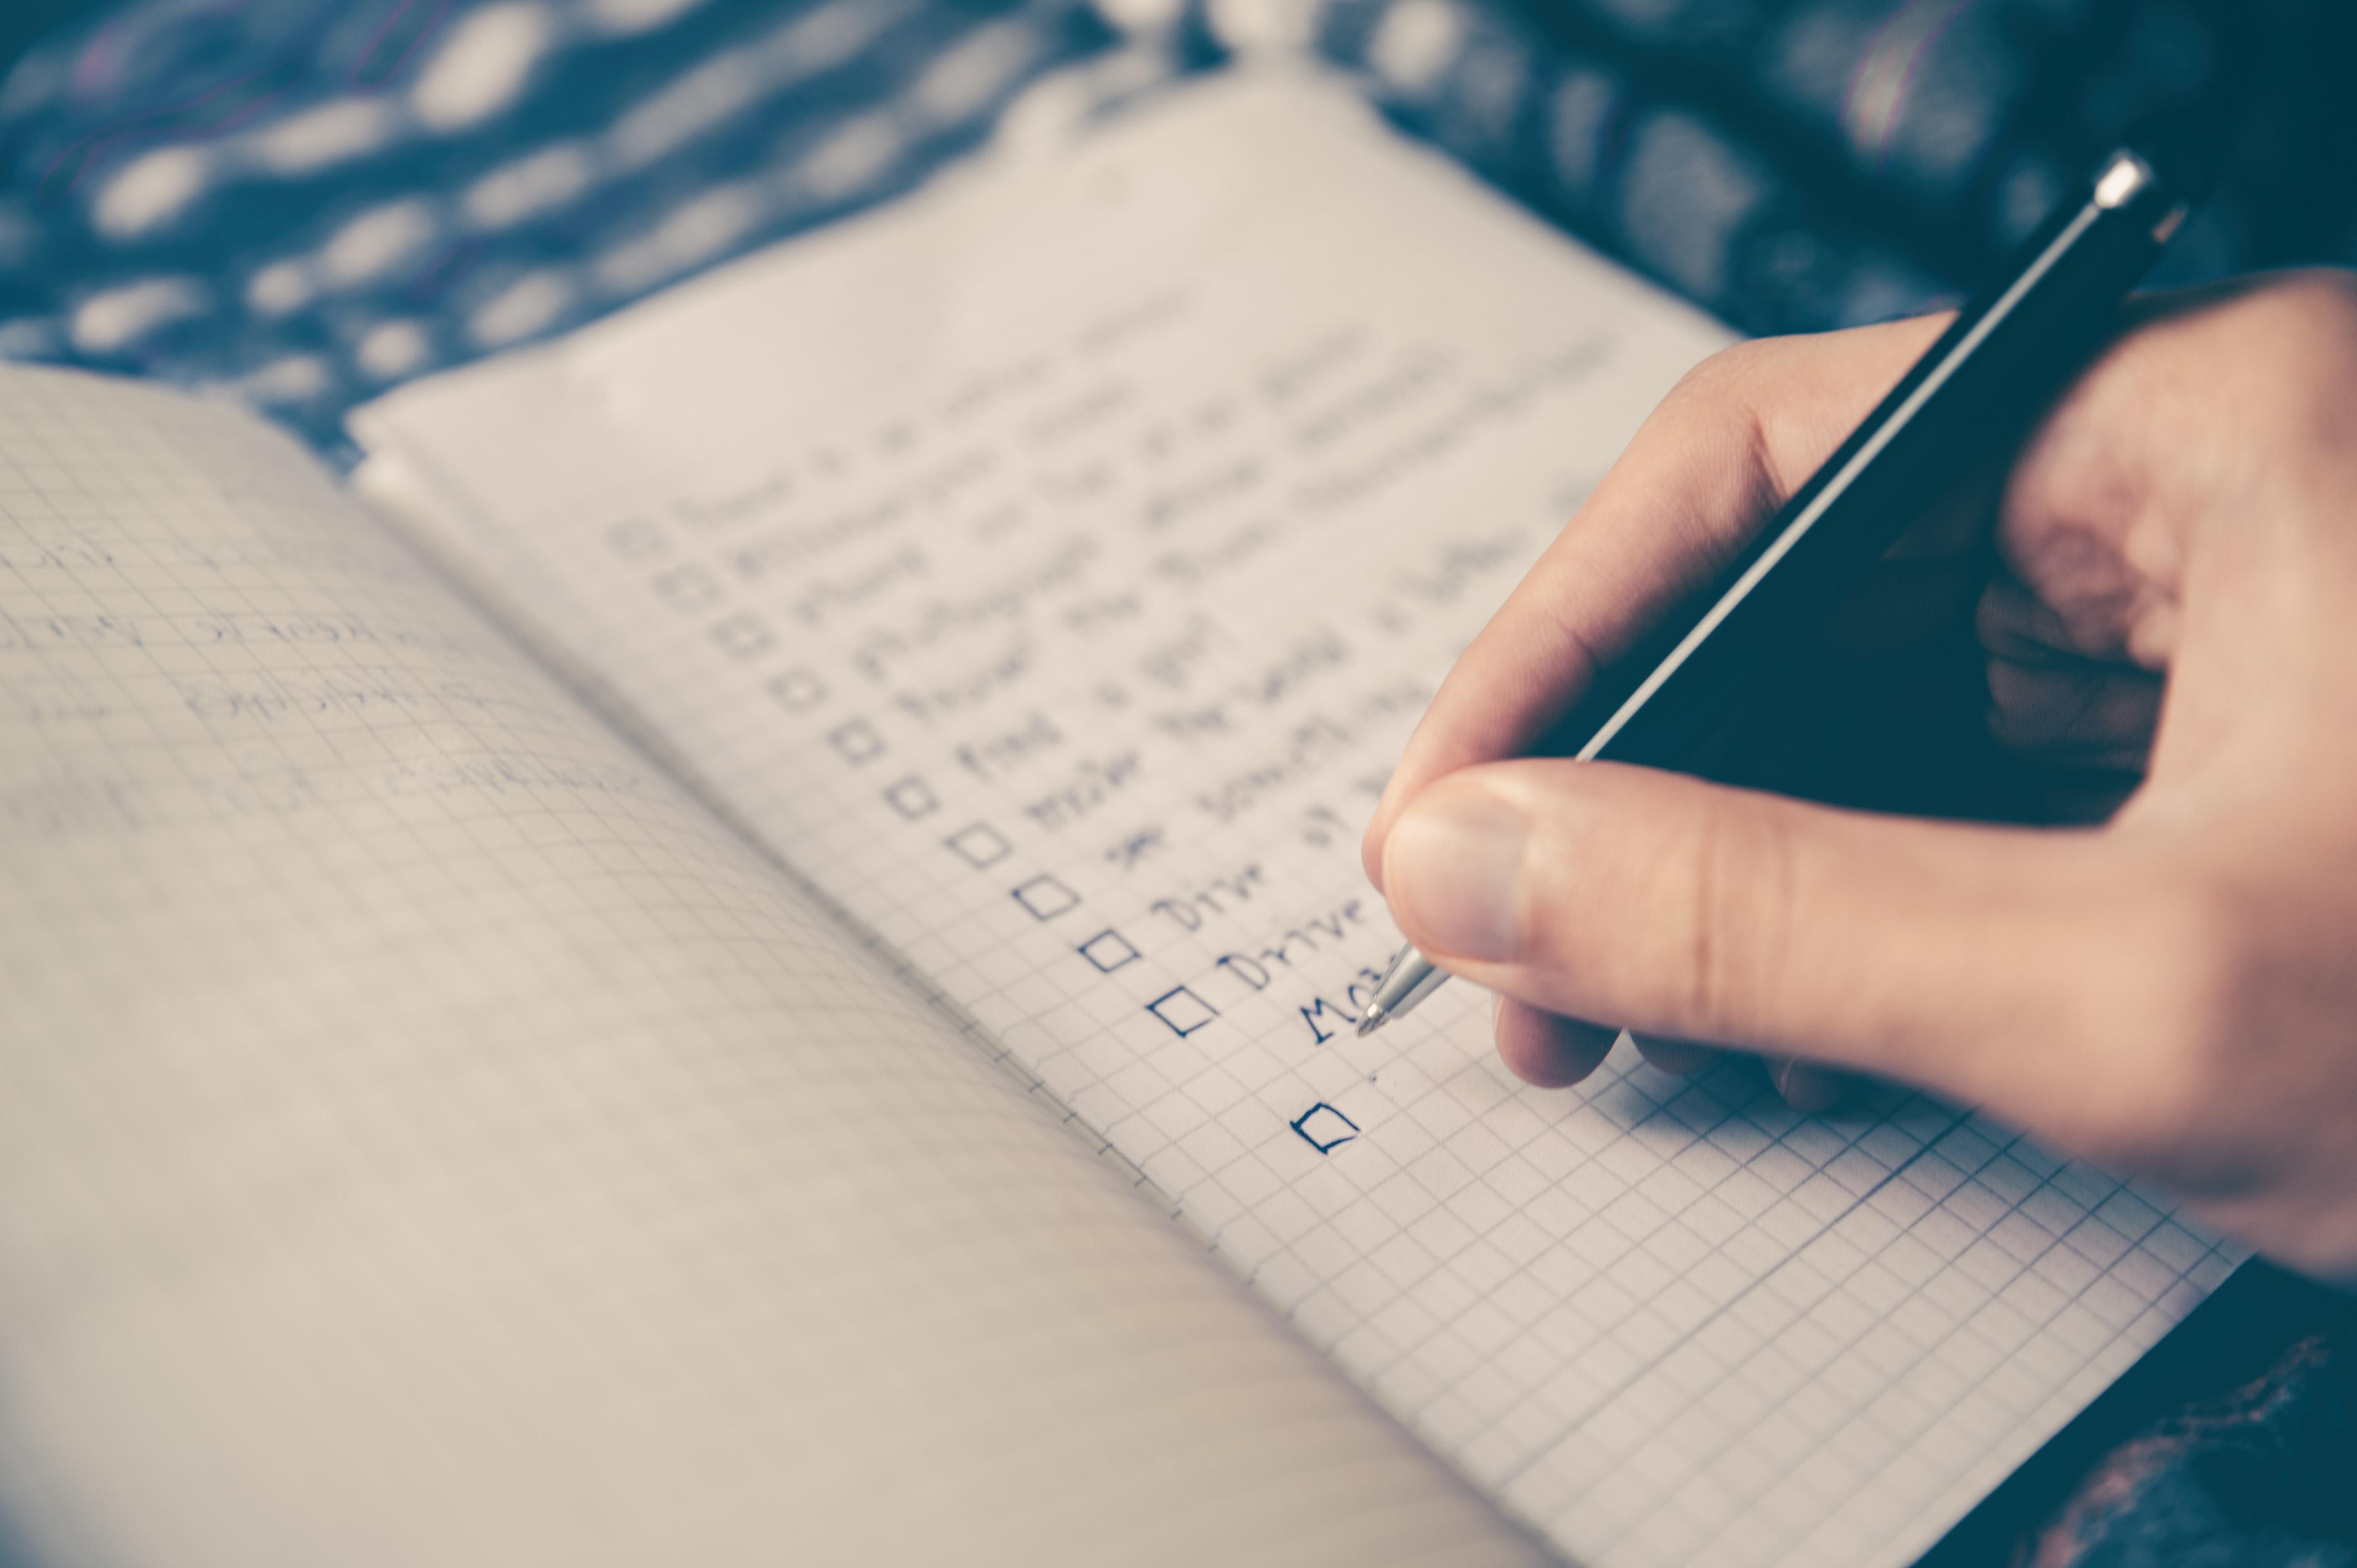 Assess daily goals